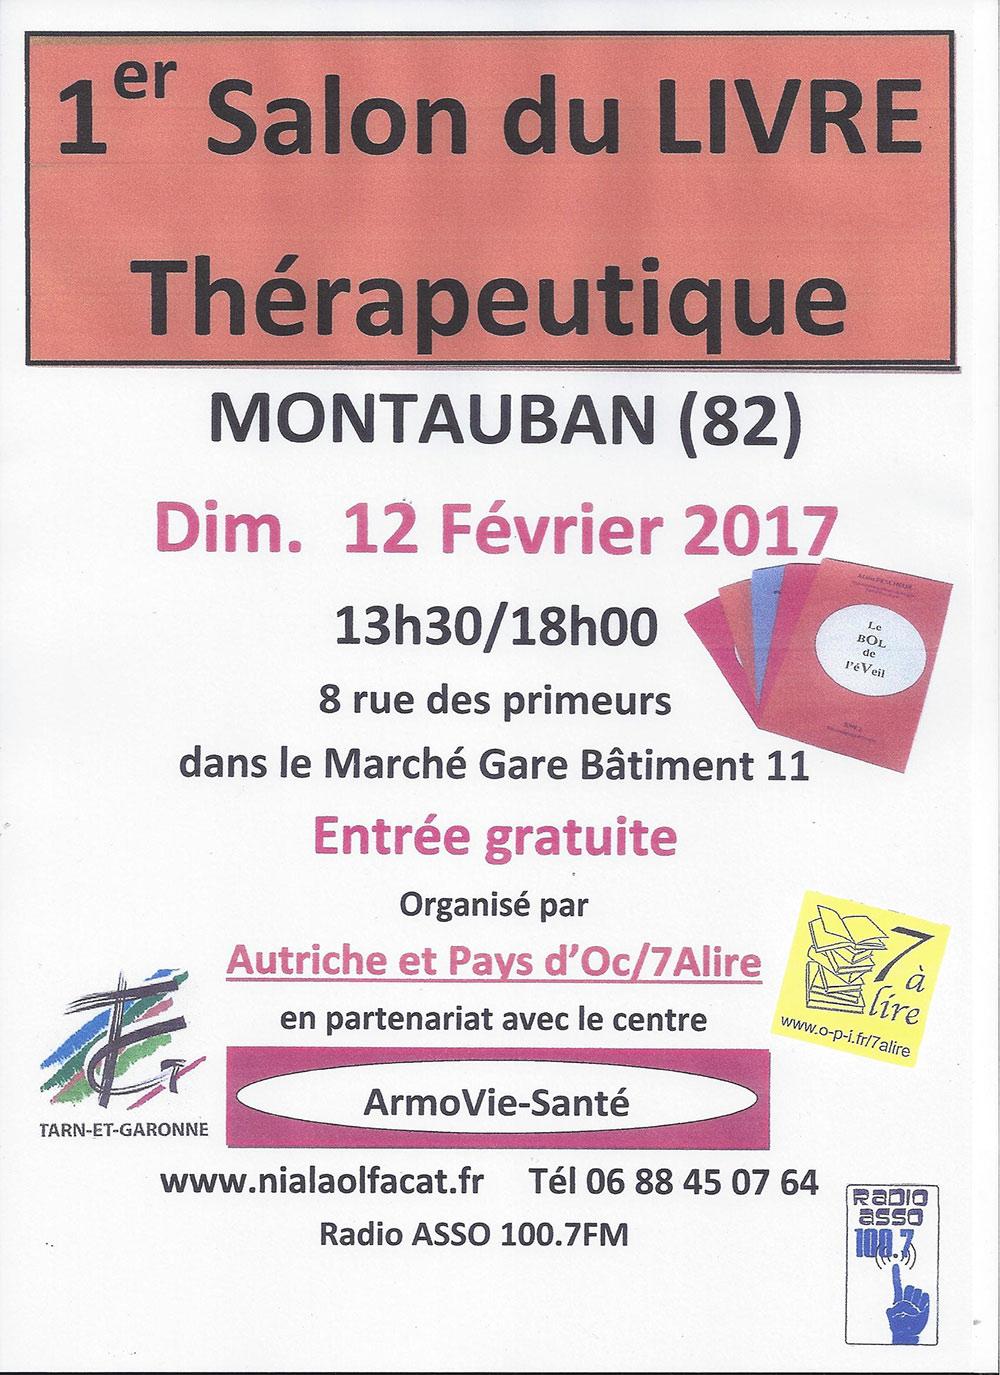 Salon du Livre Thérapeutique - Montayban (82)